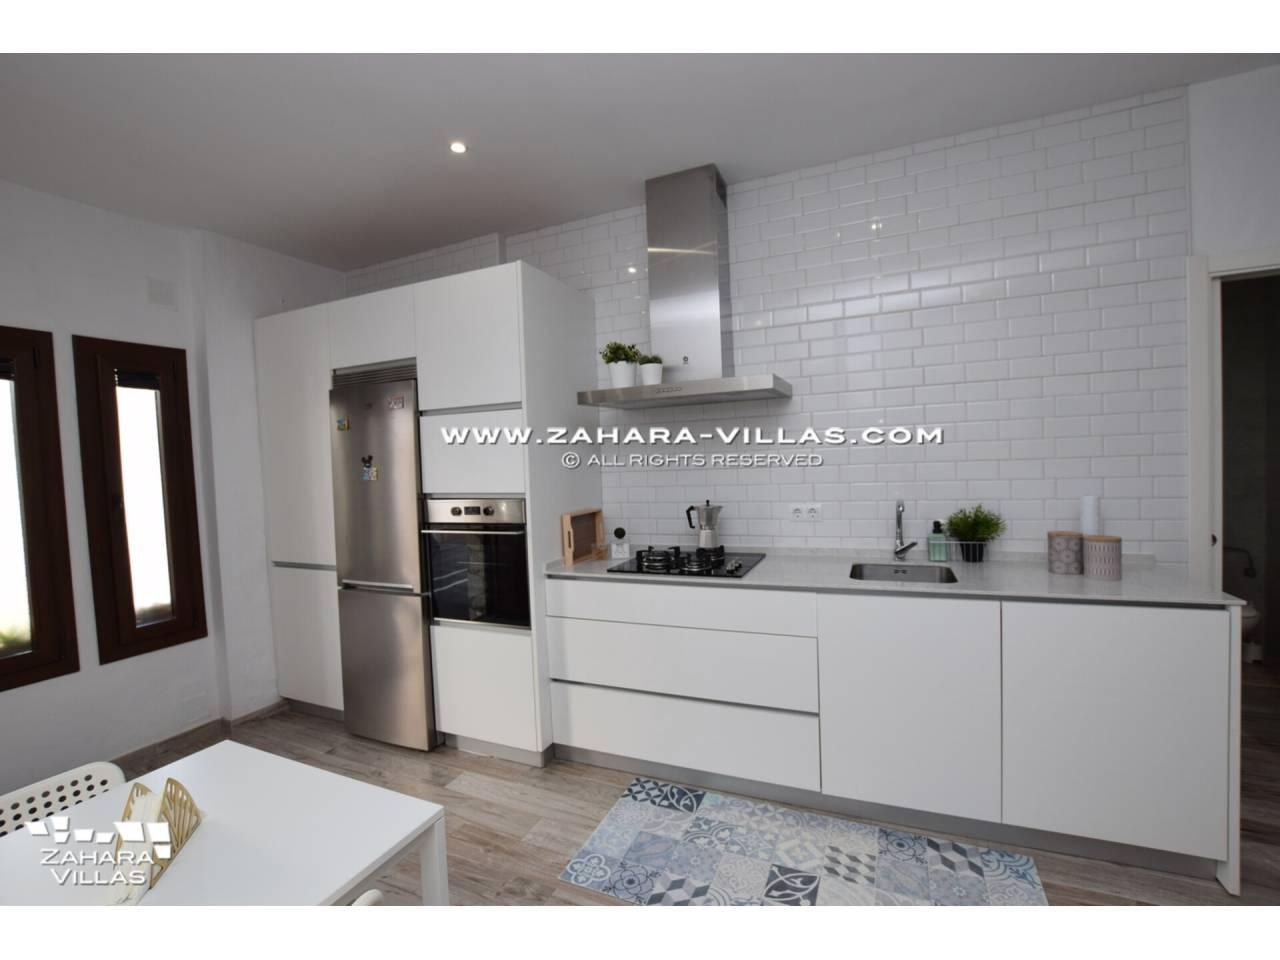 Imagen 49 de Haus zum verkauf in Zahara de los Atunes